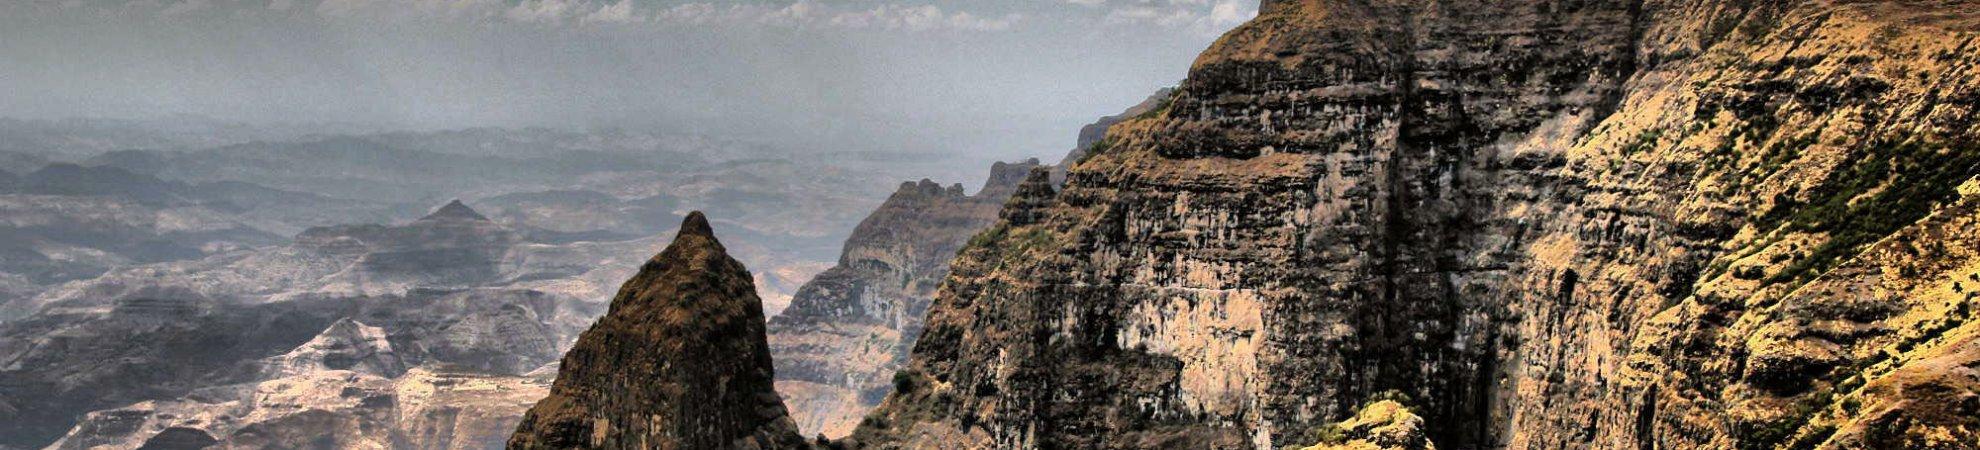 simien-mountains-national-park-ethiopia